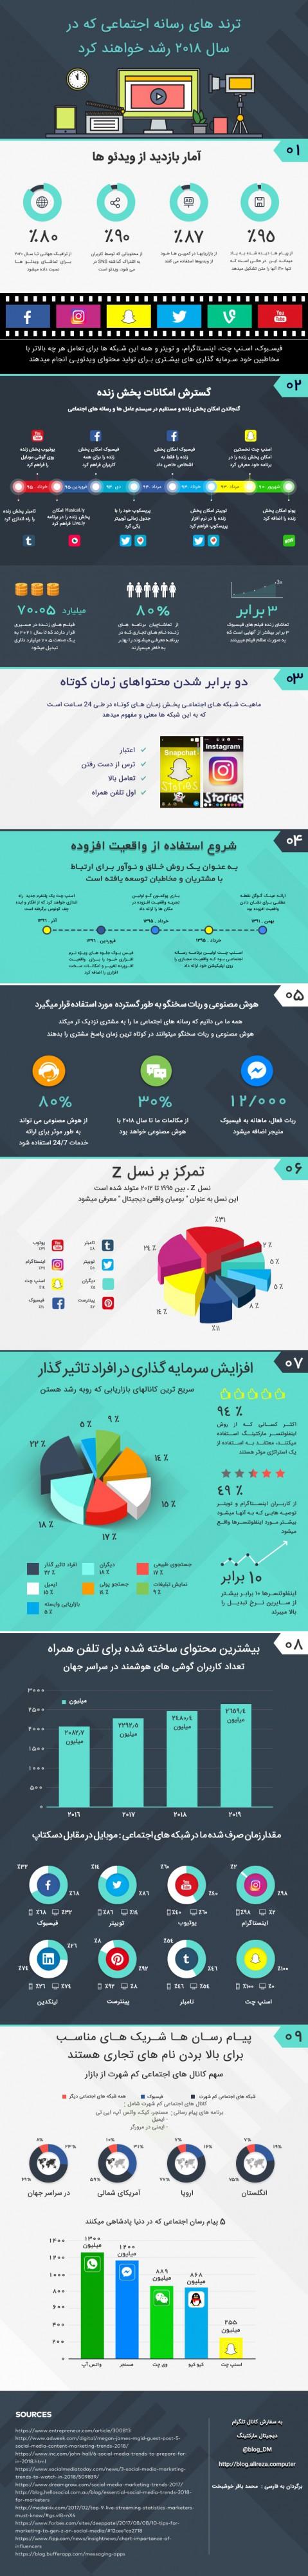 اینفوگرافیک ترندهای رسانه اجتماعی که درسال 2018 رشد خواهند کرد!